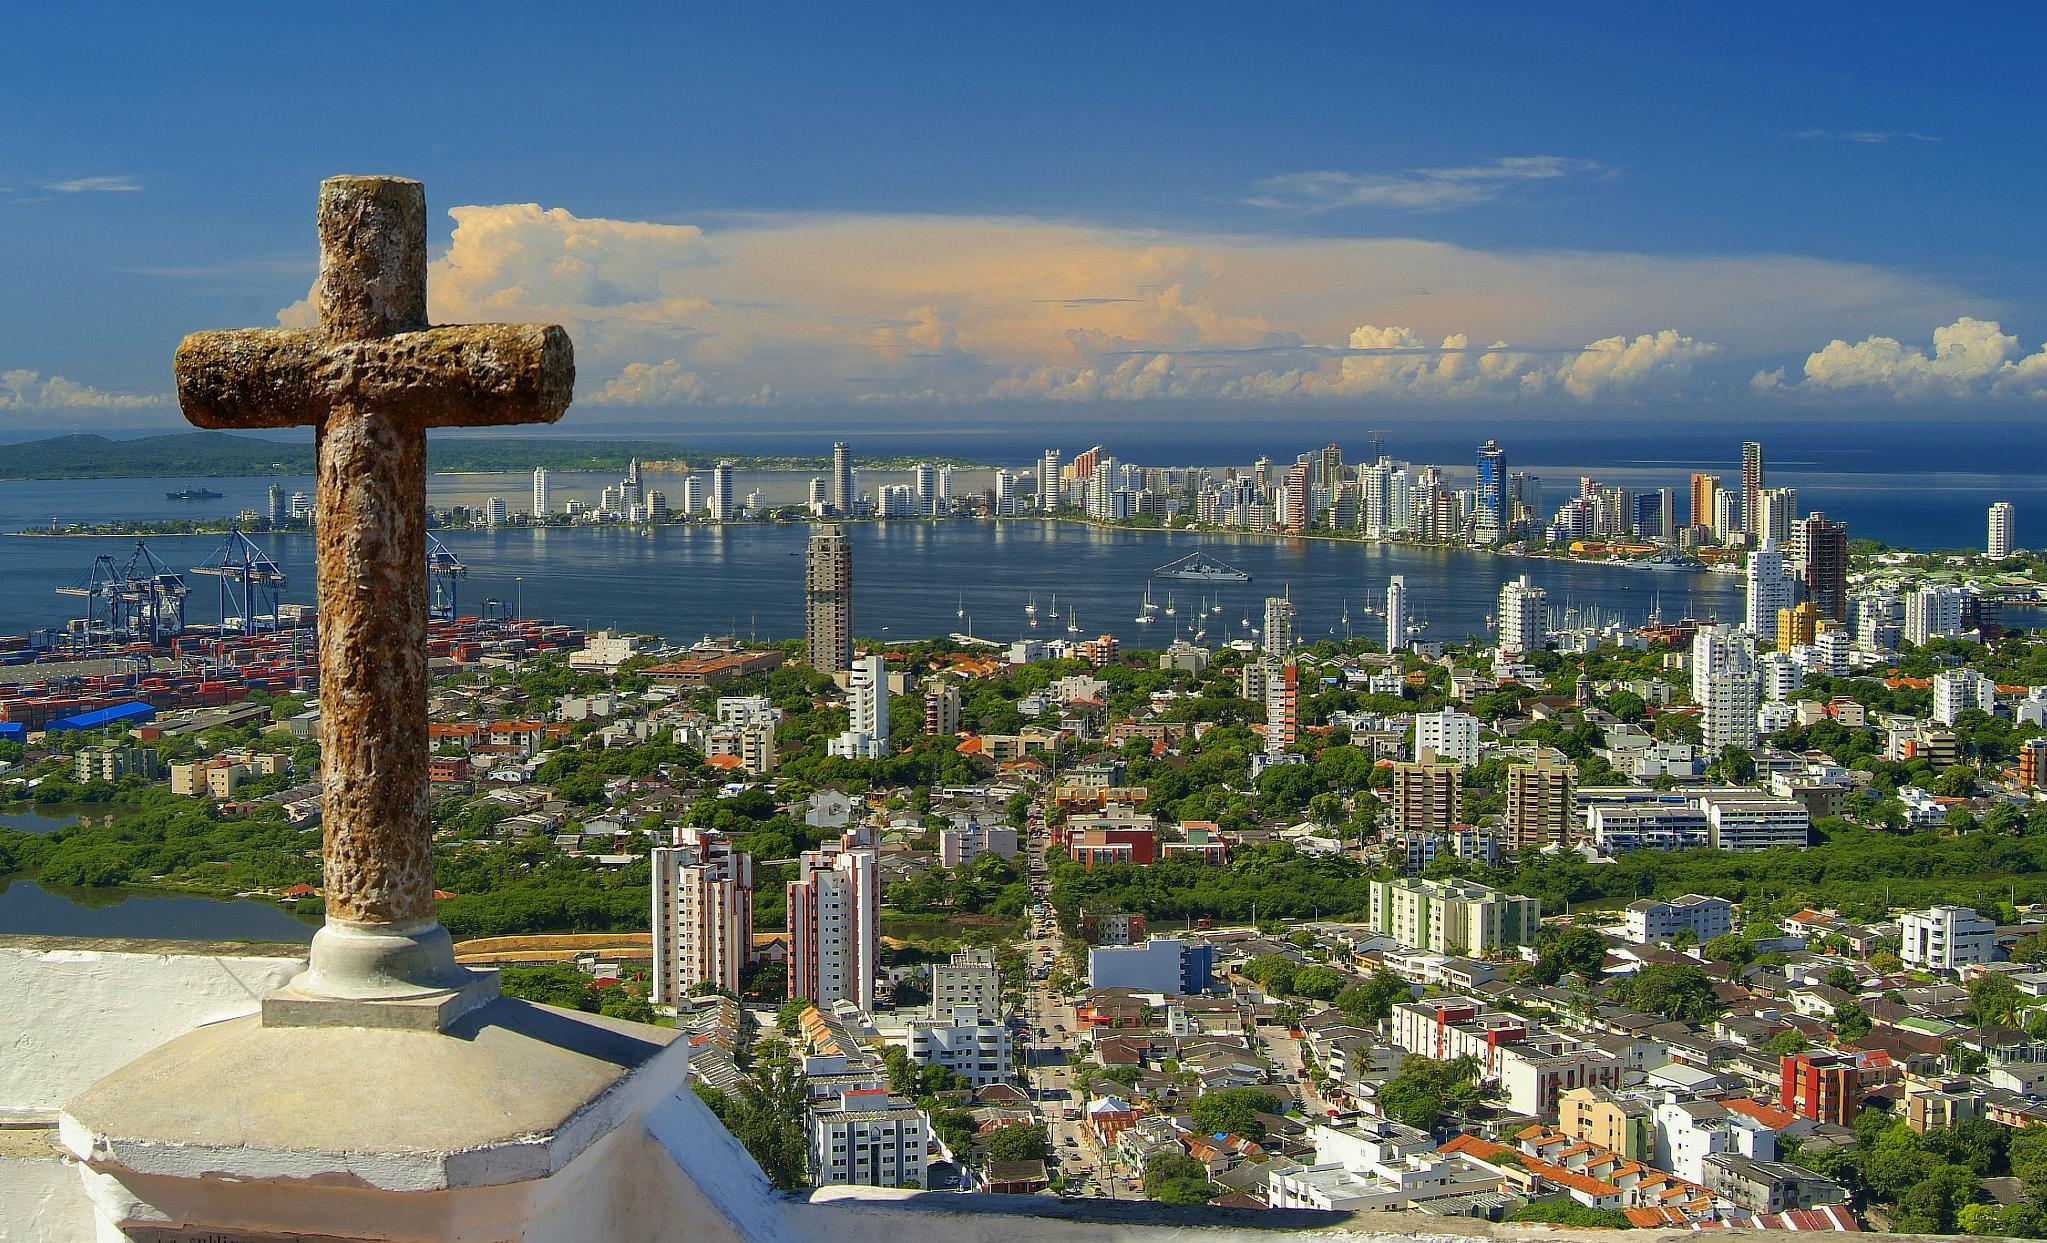 Mejores ciudades para vivir en colombia rankia - Mejor sitio para vivir en espana ...